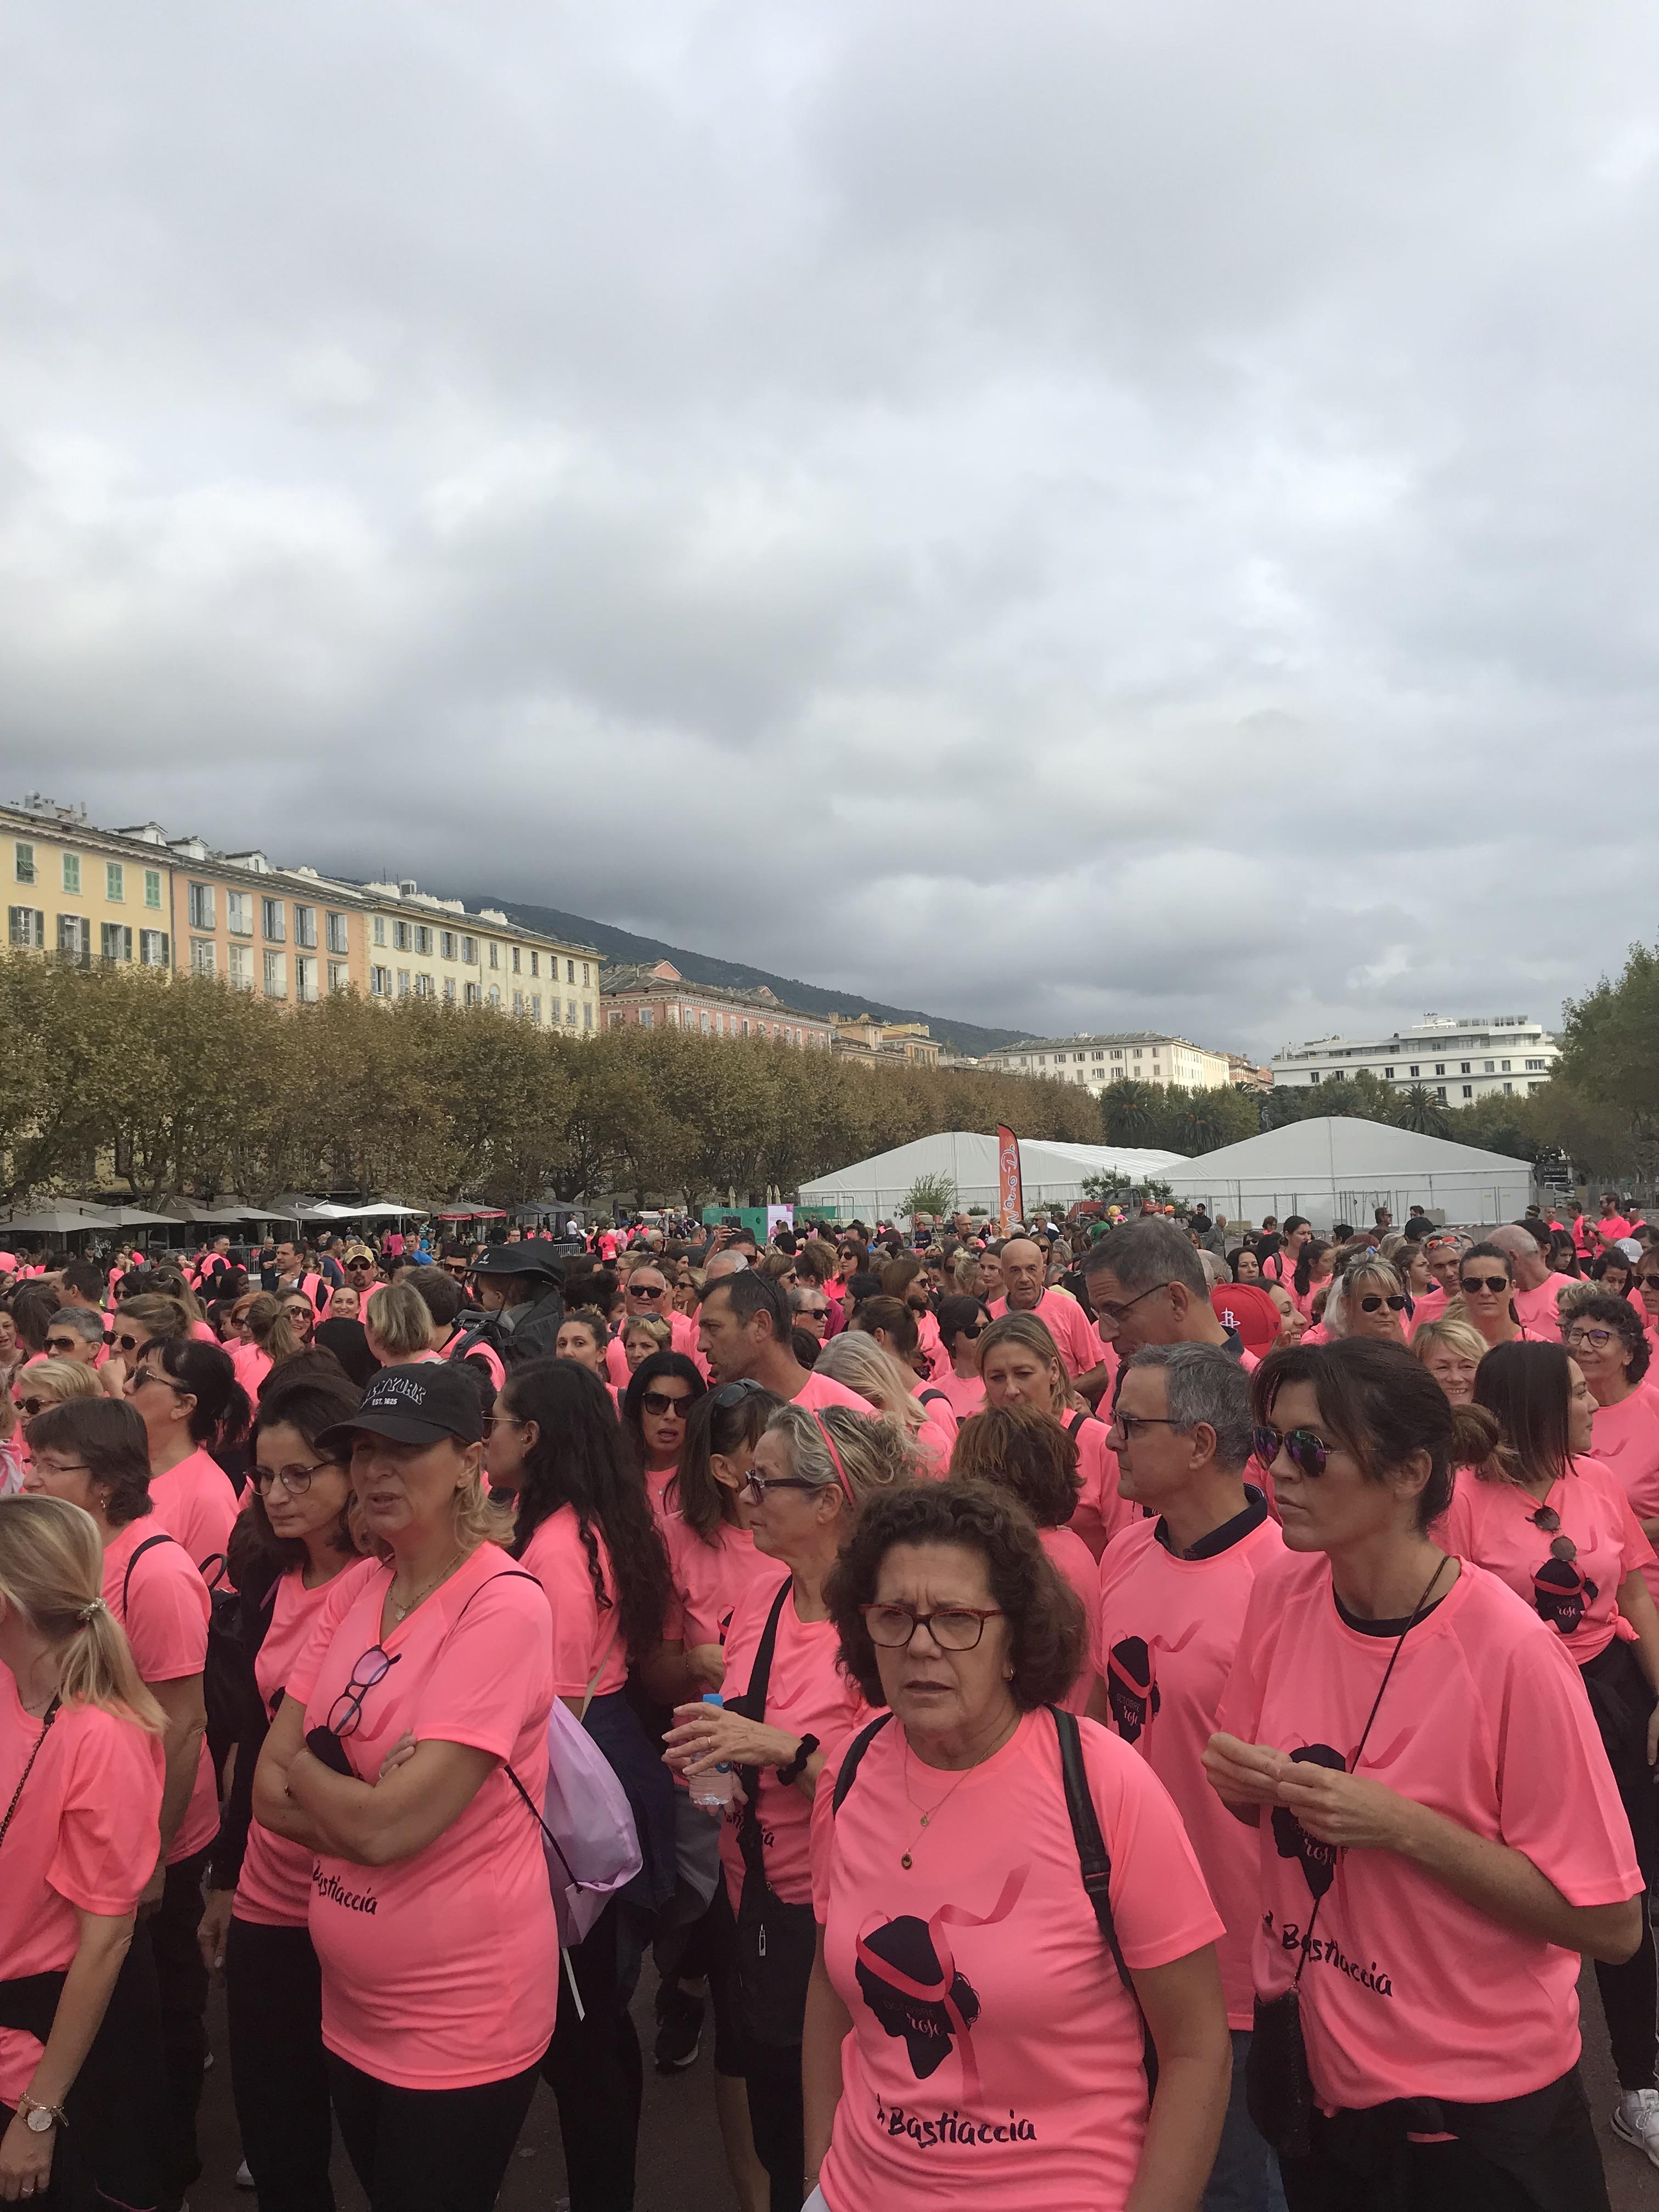 Plus de 1000 participants, en rose, pour l'édition 2019 de A Bastiaccia